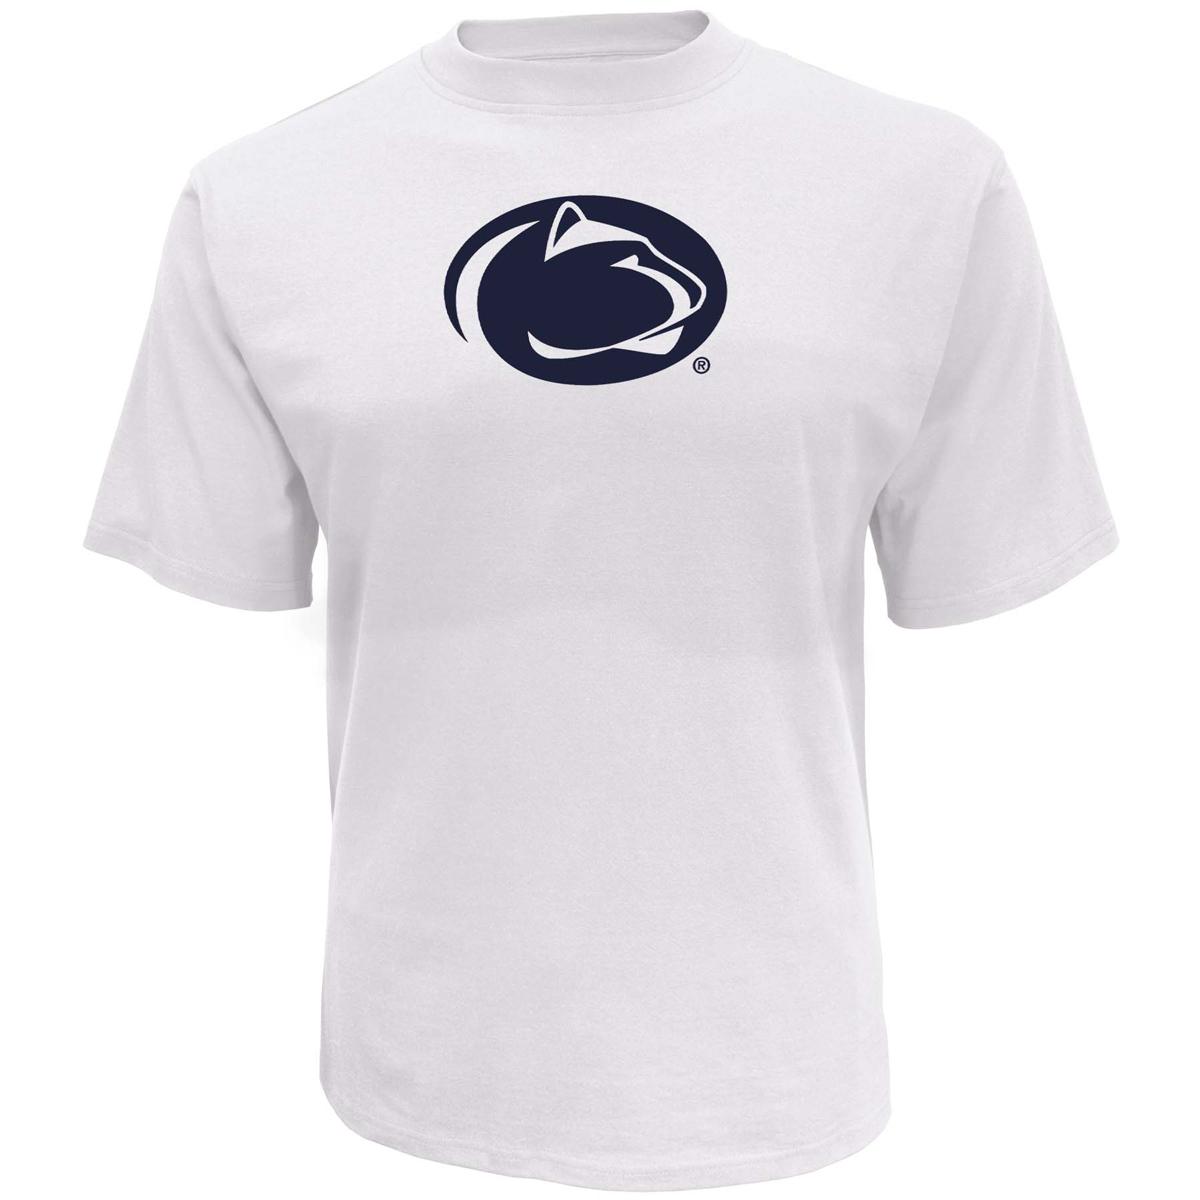 Men's Penn State Oversized Logo Short Sleeve T-Shirt, White, swatch